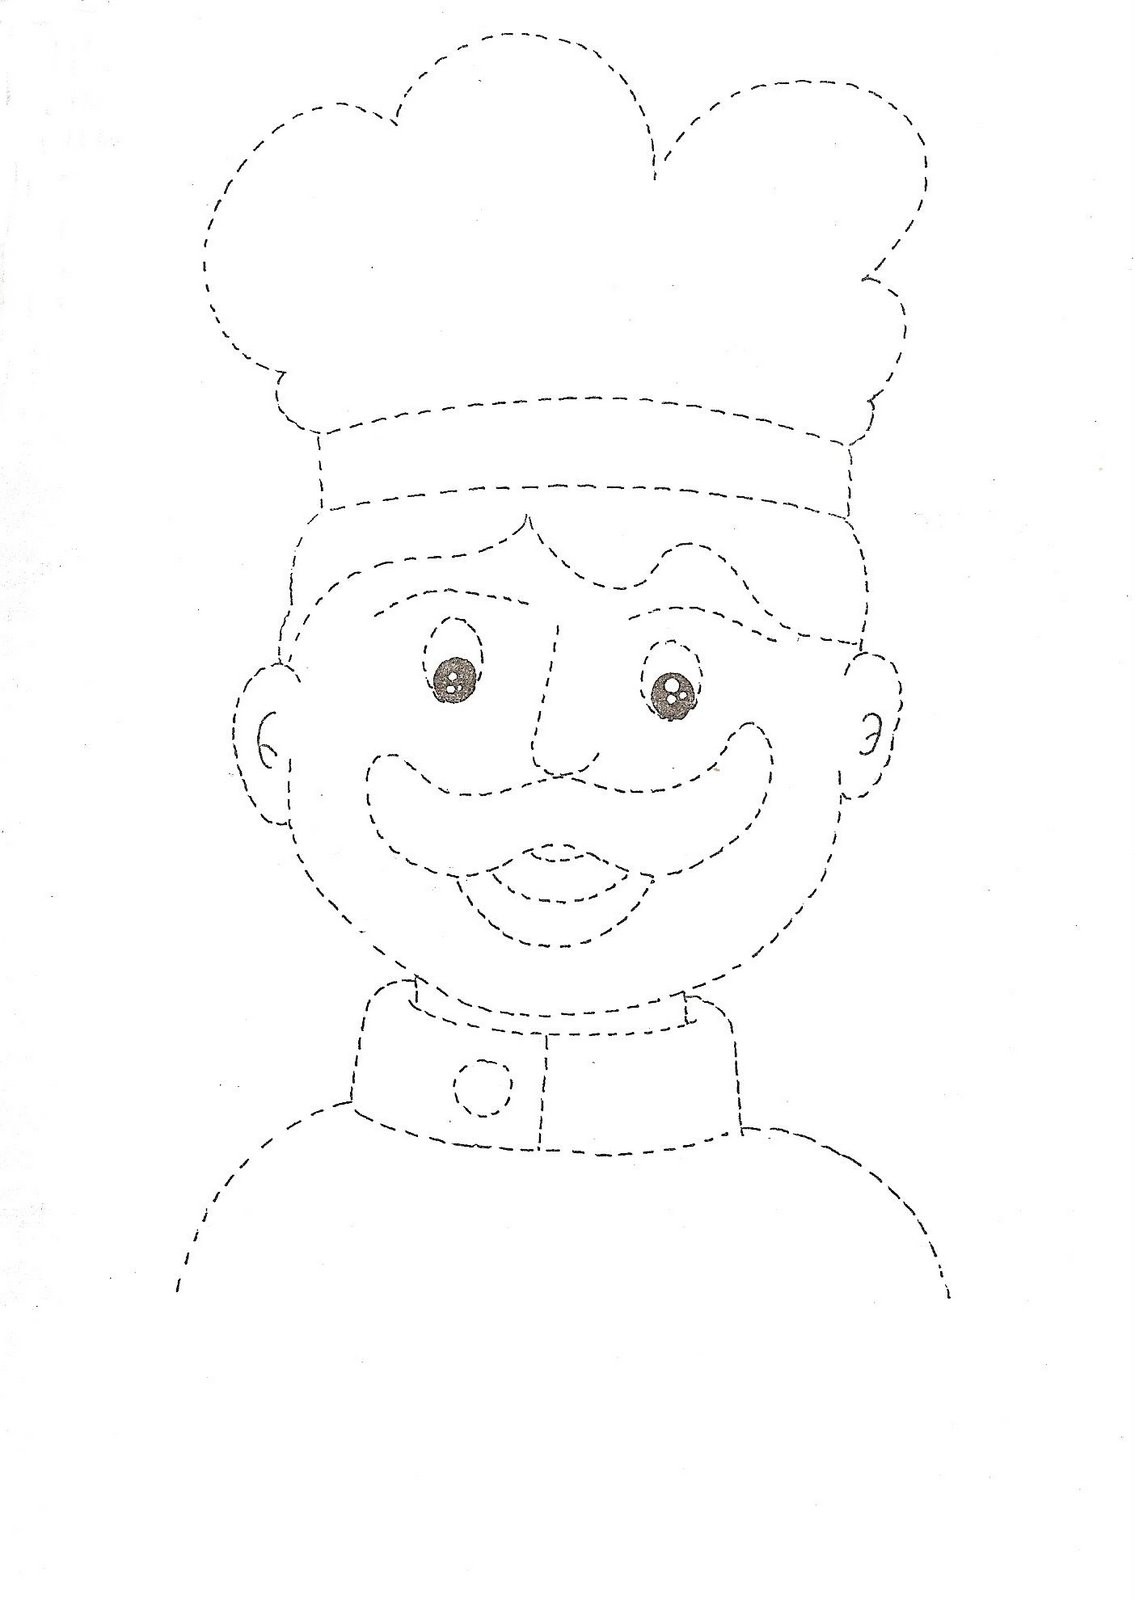 Workbooks tracing worksheets for kindergarten : Community helper trace worksheet for kids | Crafts and Worksheets ...